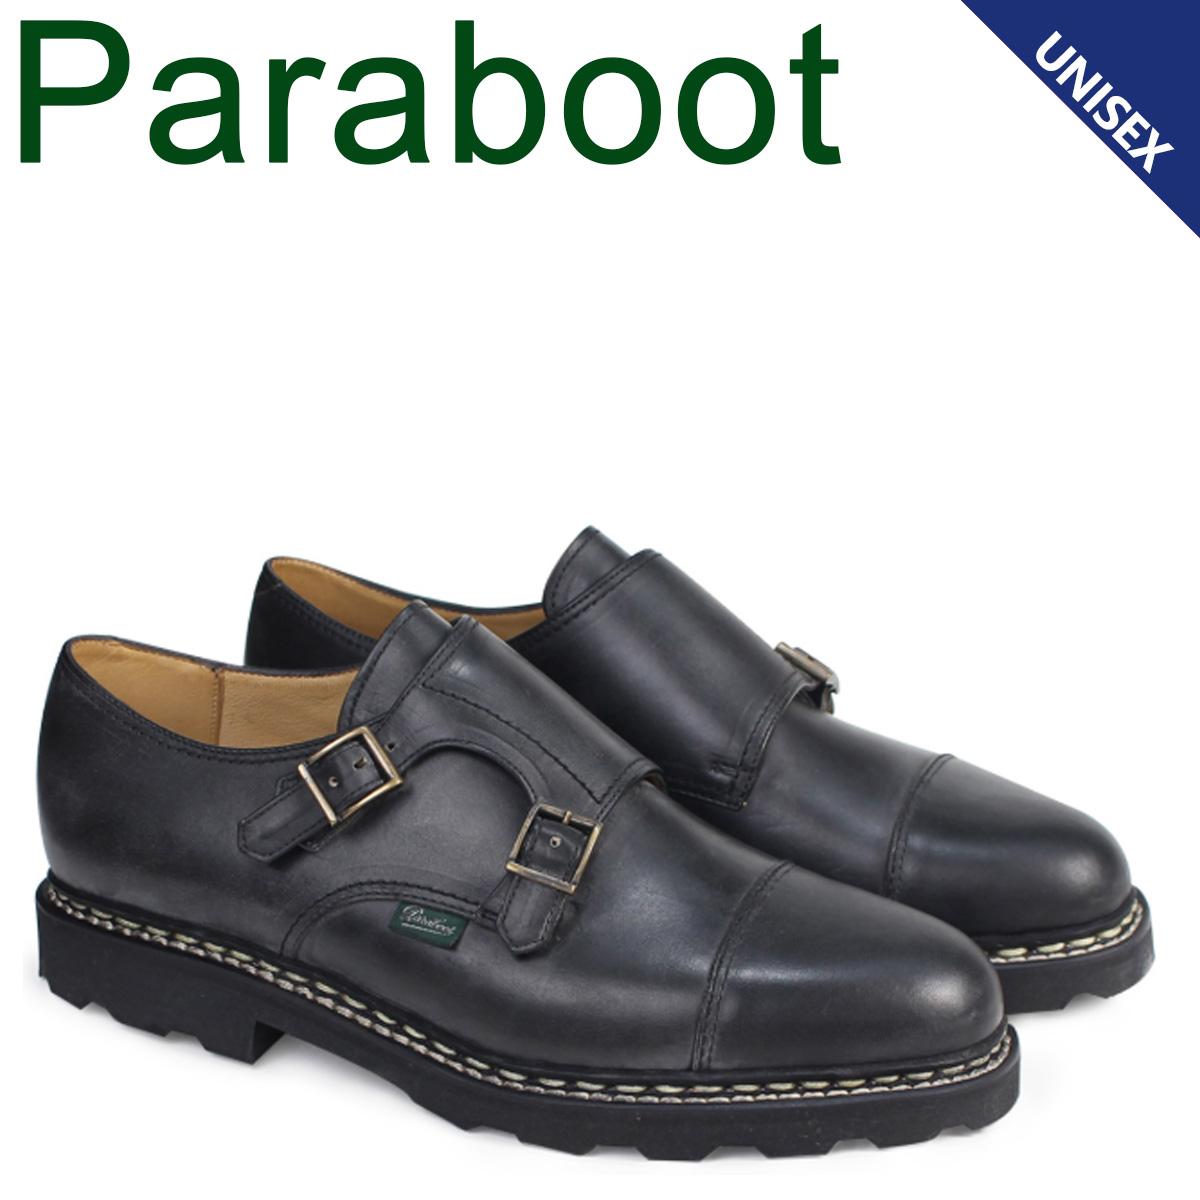 PARABOOT ウィリアム パラブーツ WILLIAM シューズ ダブルモンクシューズ 981412 メンズ レディース 靴 ブラック